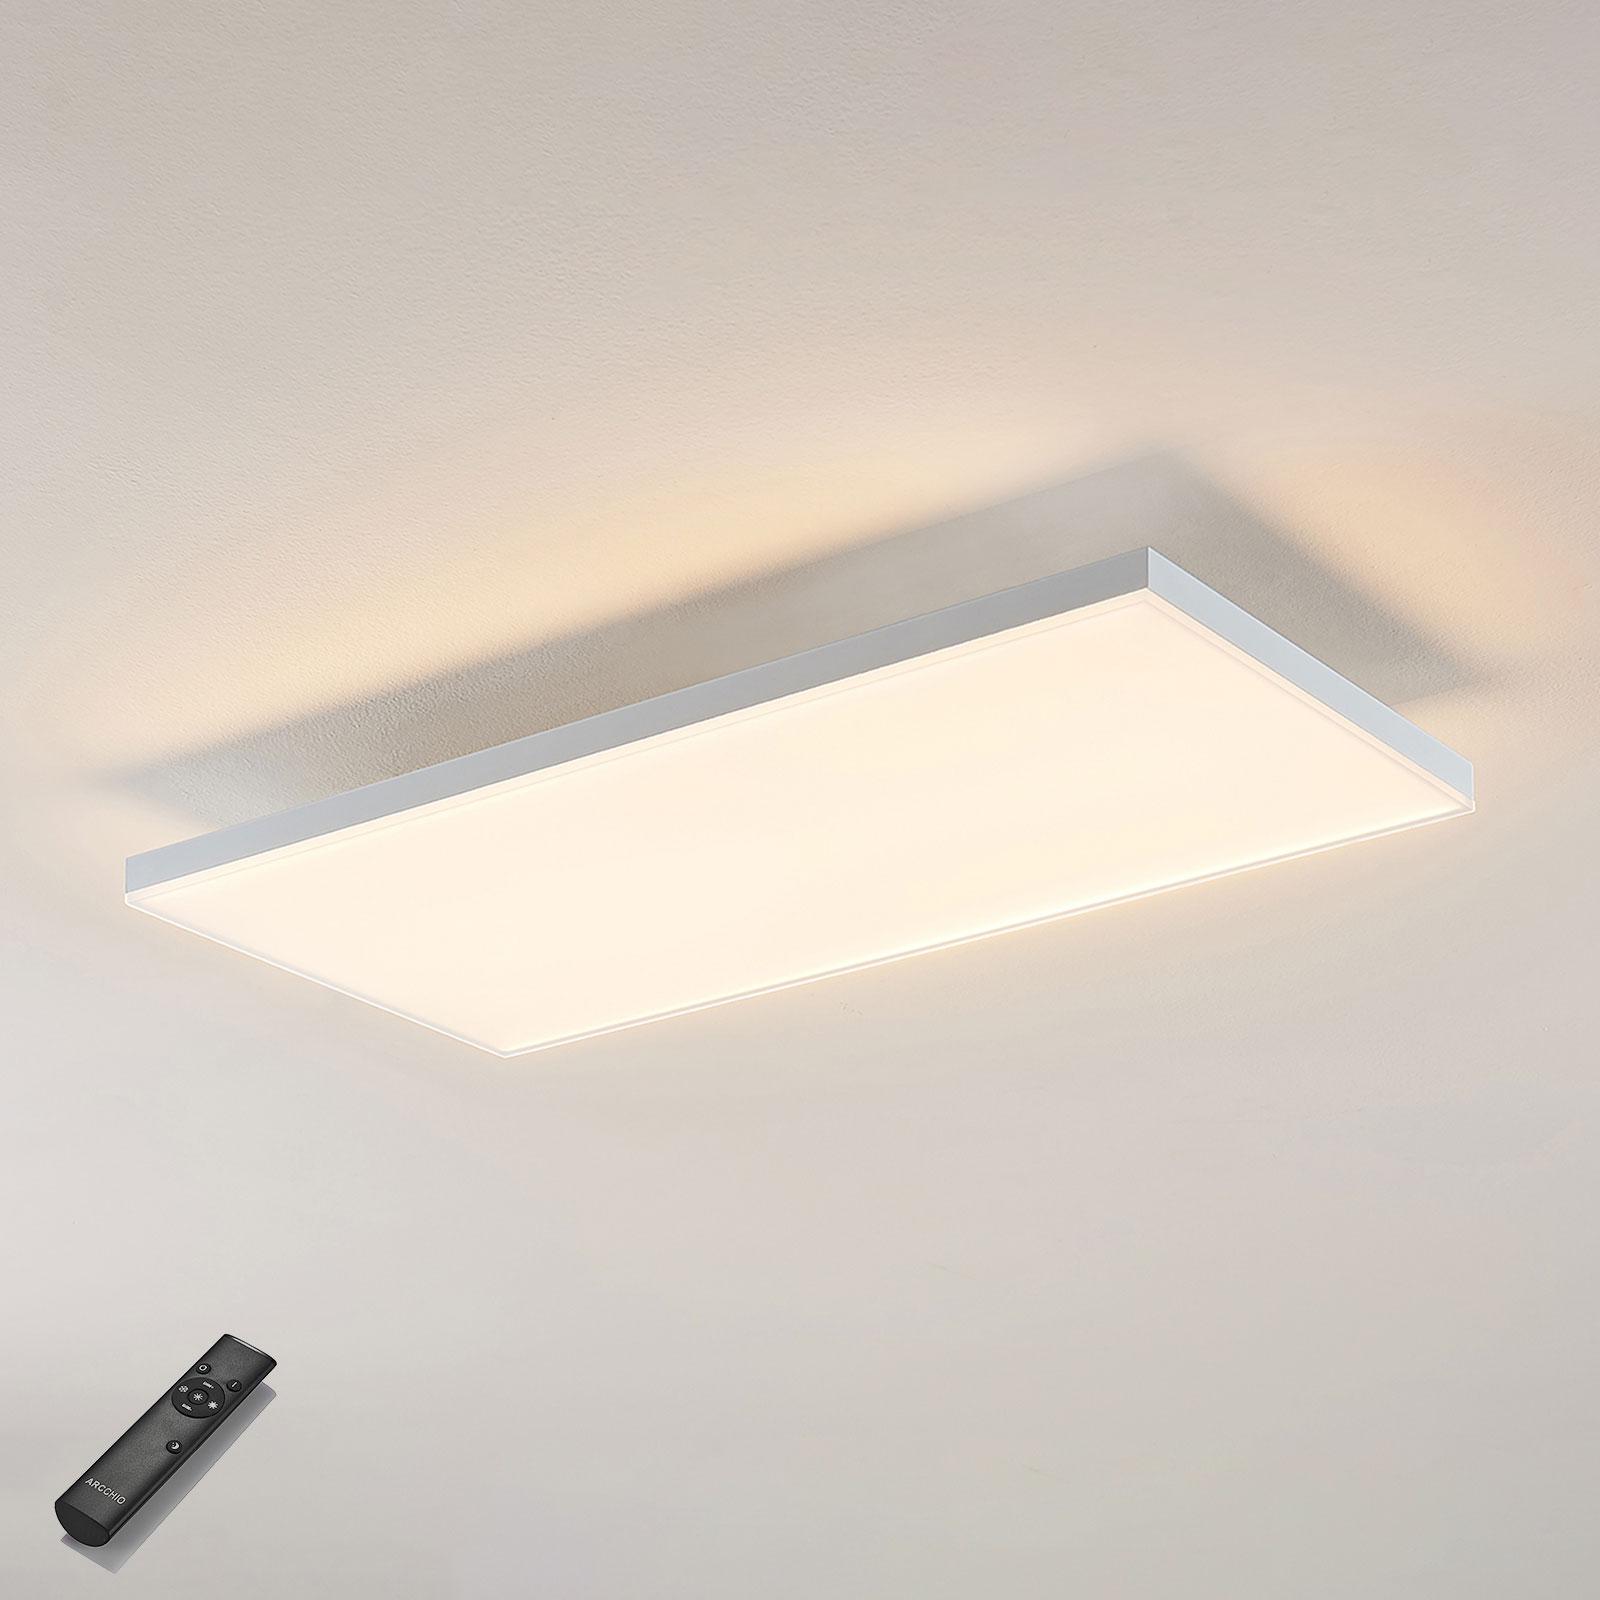 Acquista Pannello LED Blaan CCT telecomando 59,5 x 29,5cm